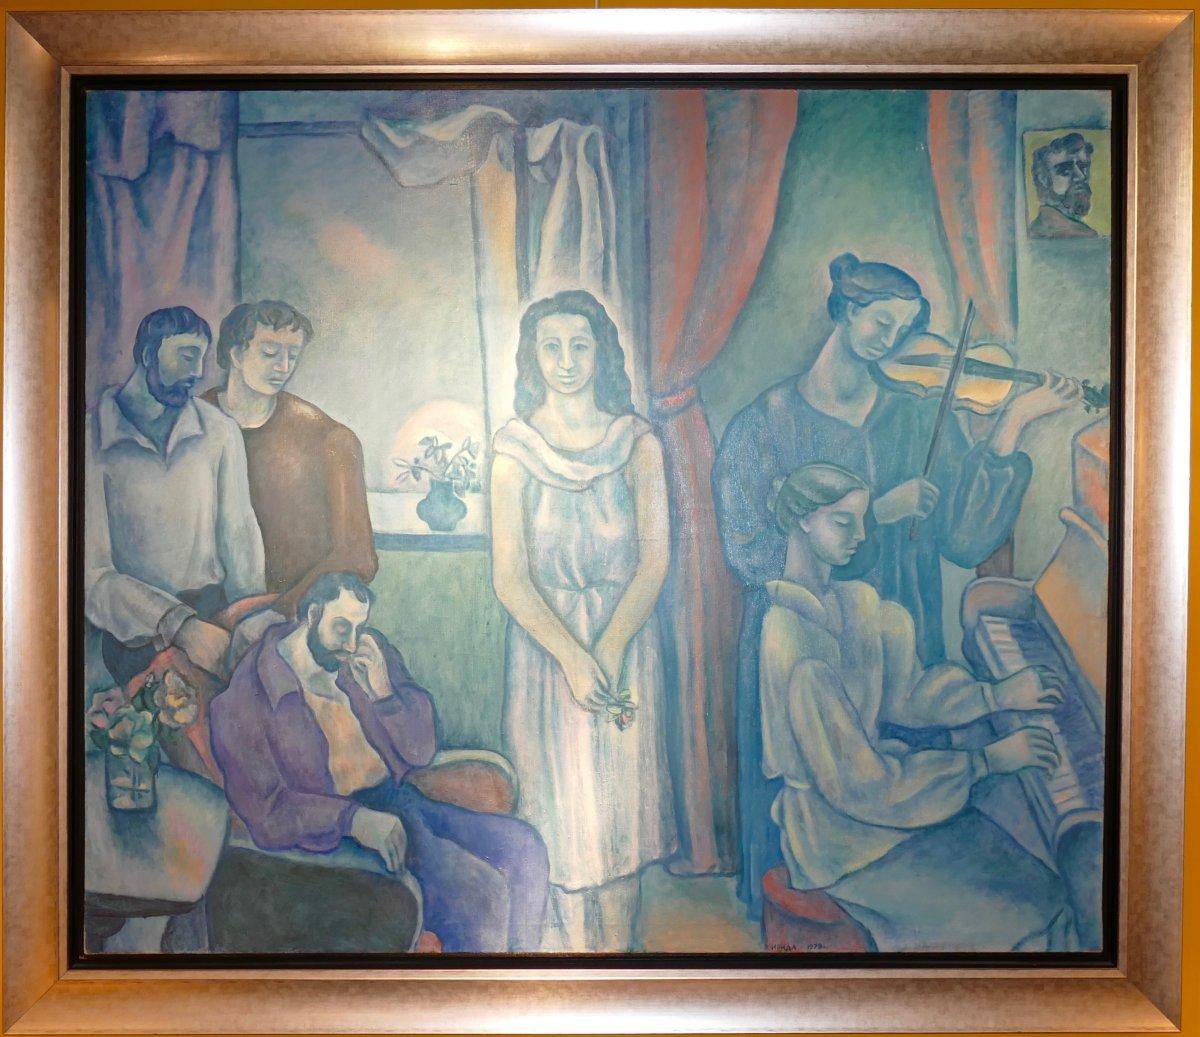 Très Grande Peinture Signée Par Irina Makarova Vycheslavsky  Datée 1978 Ecole Russe